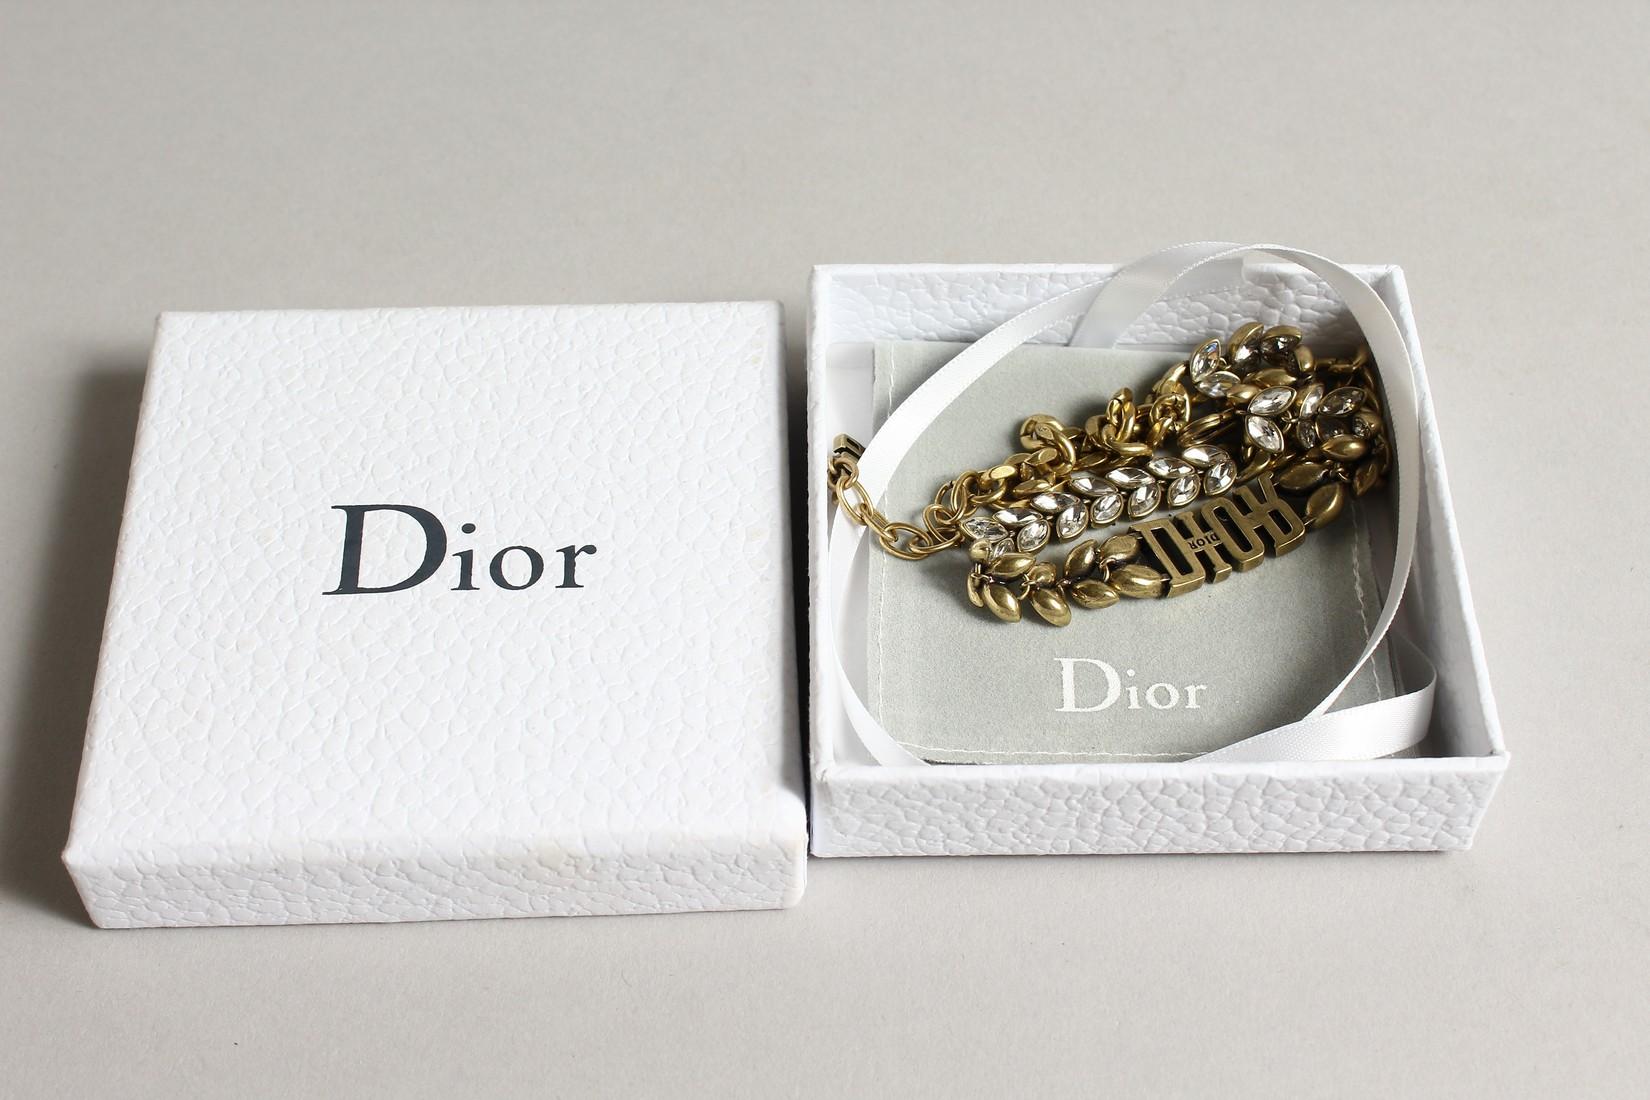 A DIOR PATTERN BRACELET in a 'Dior' bag. - Image 4 of 4